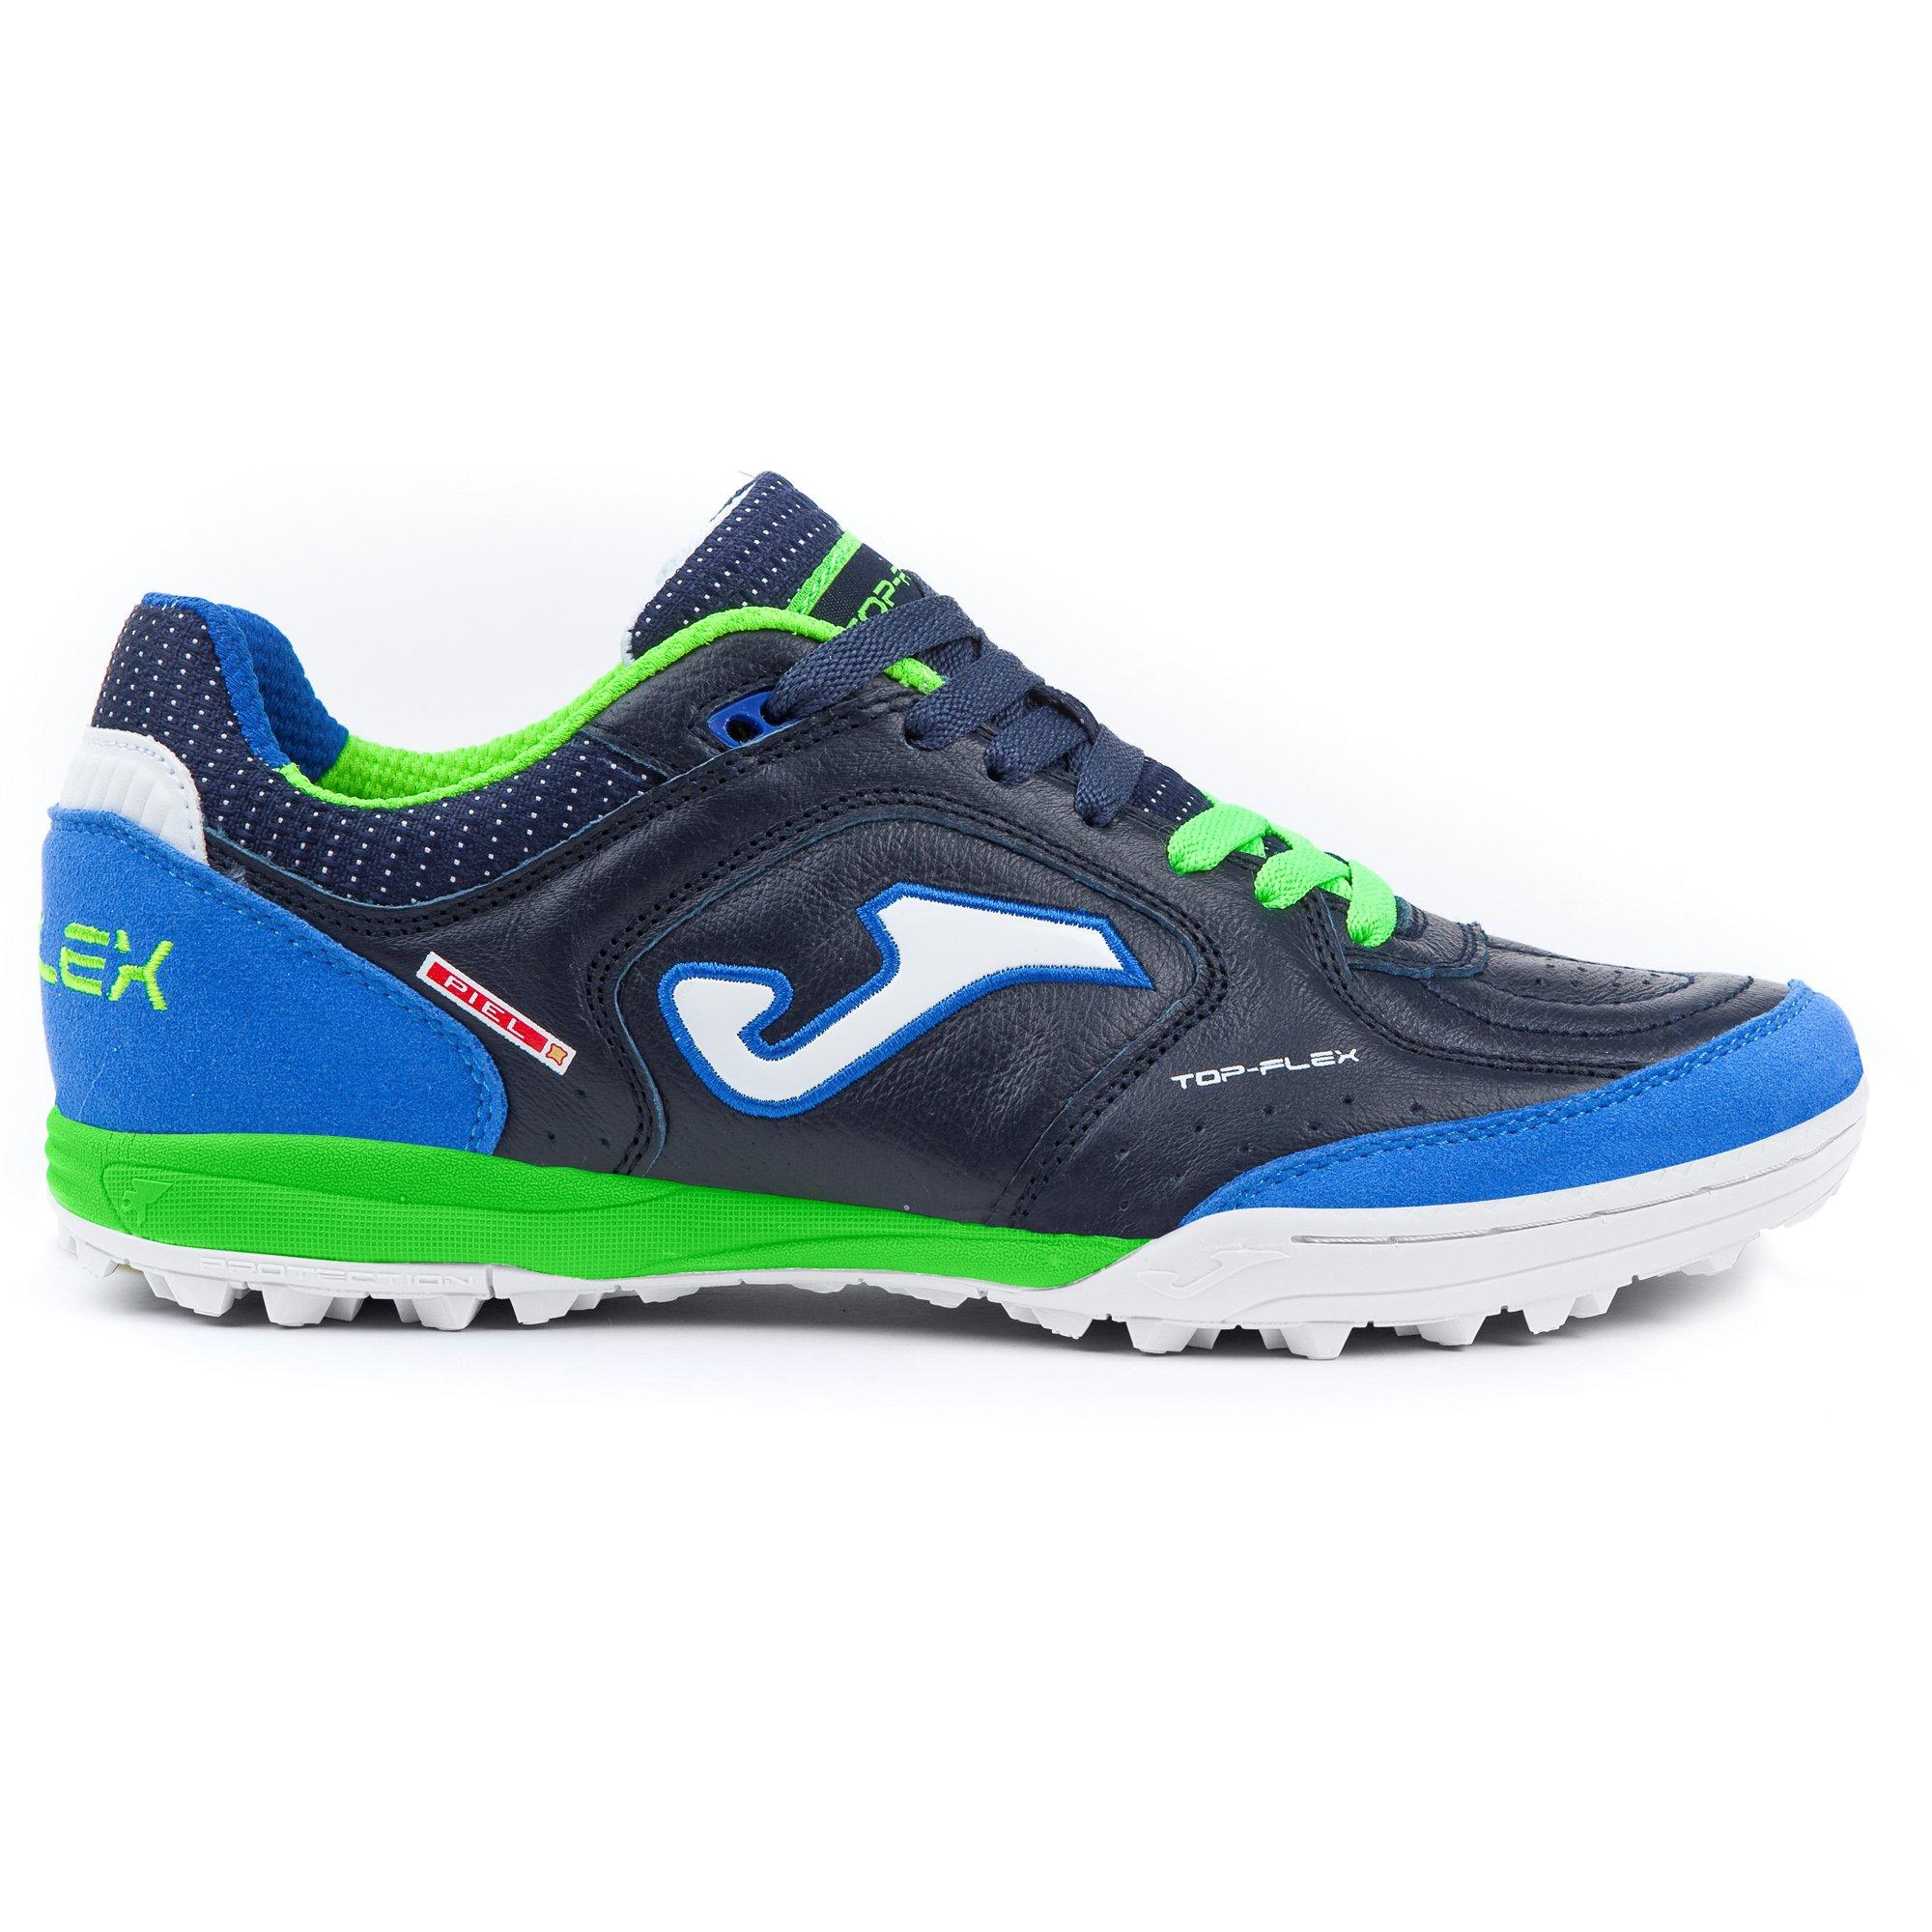 factory authentic bf291 9f2c3 Joma Top Flex 803 Marino Turf - Scarpe Calcetto Uomo - Erba Sintetica -  Men's Futsal Shoes - FACESHOPPING